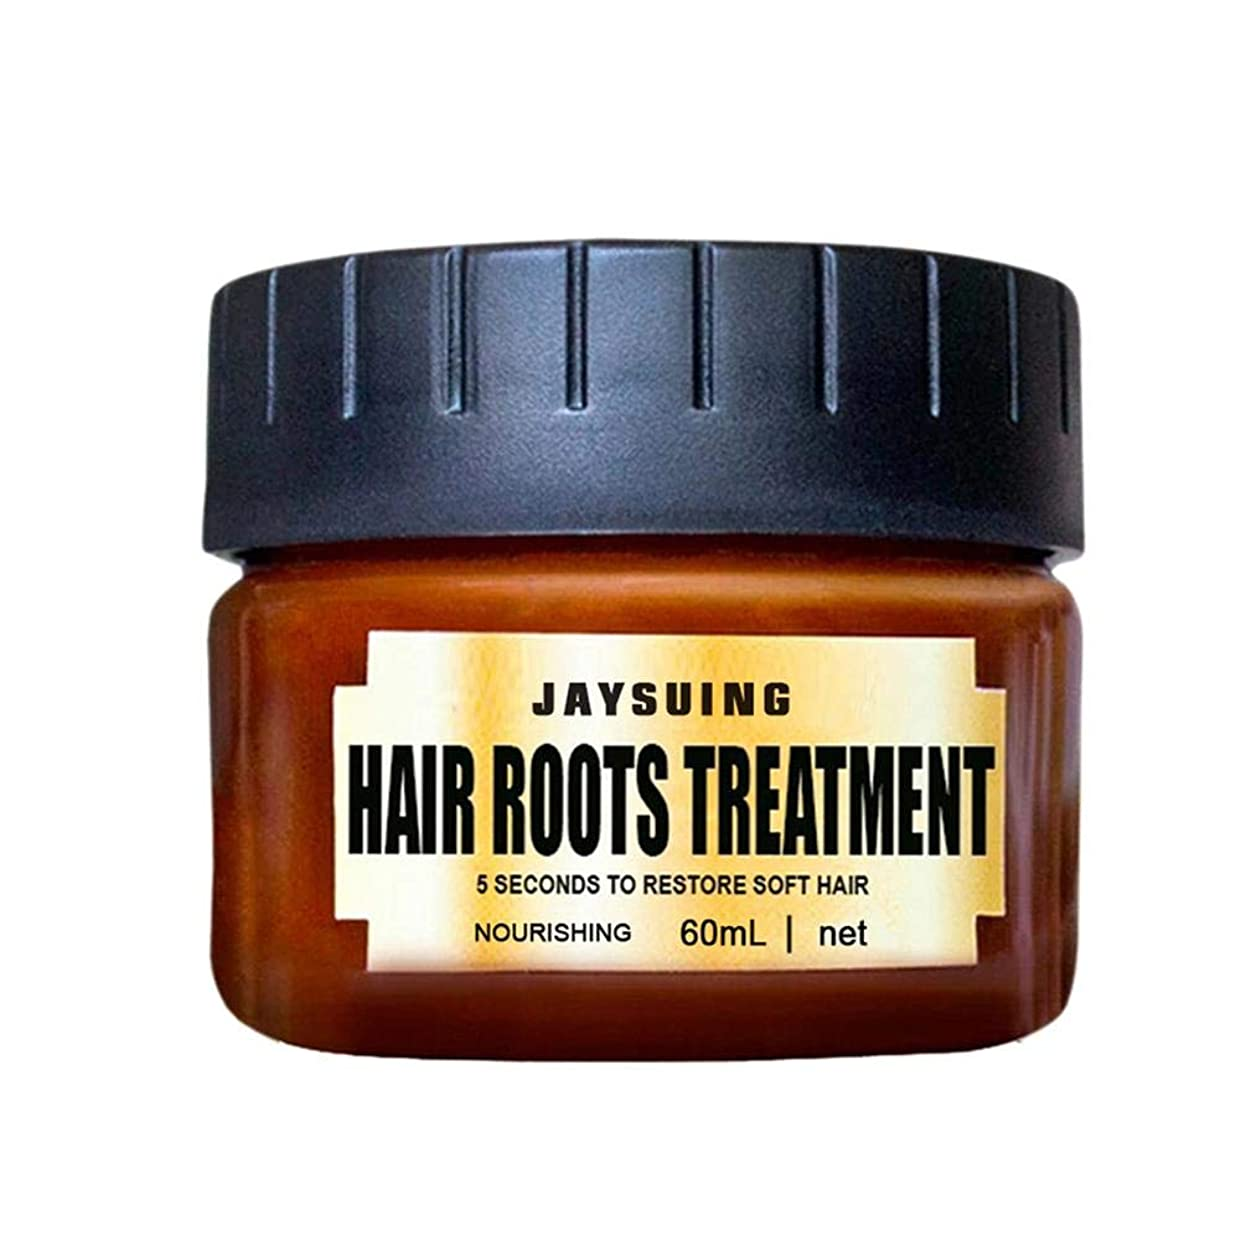 役立つ現象全部bulorrow |ヘアマスクルーツディープコンディショナーコンディショナー60ml復元乾燥した傷んだ髪のためのソフトヘアヘアリペアトリートメント弾力性のある髪を回復します。